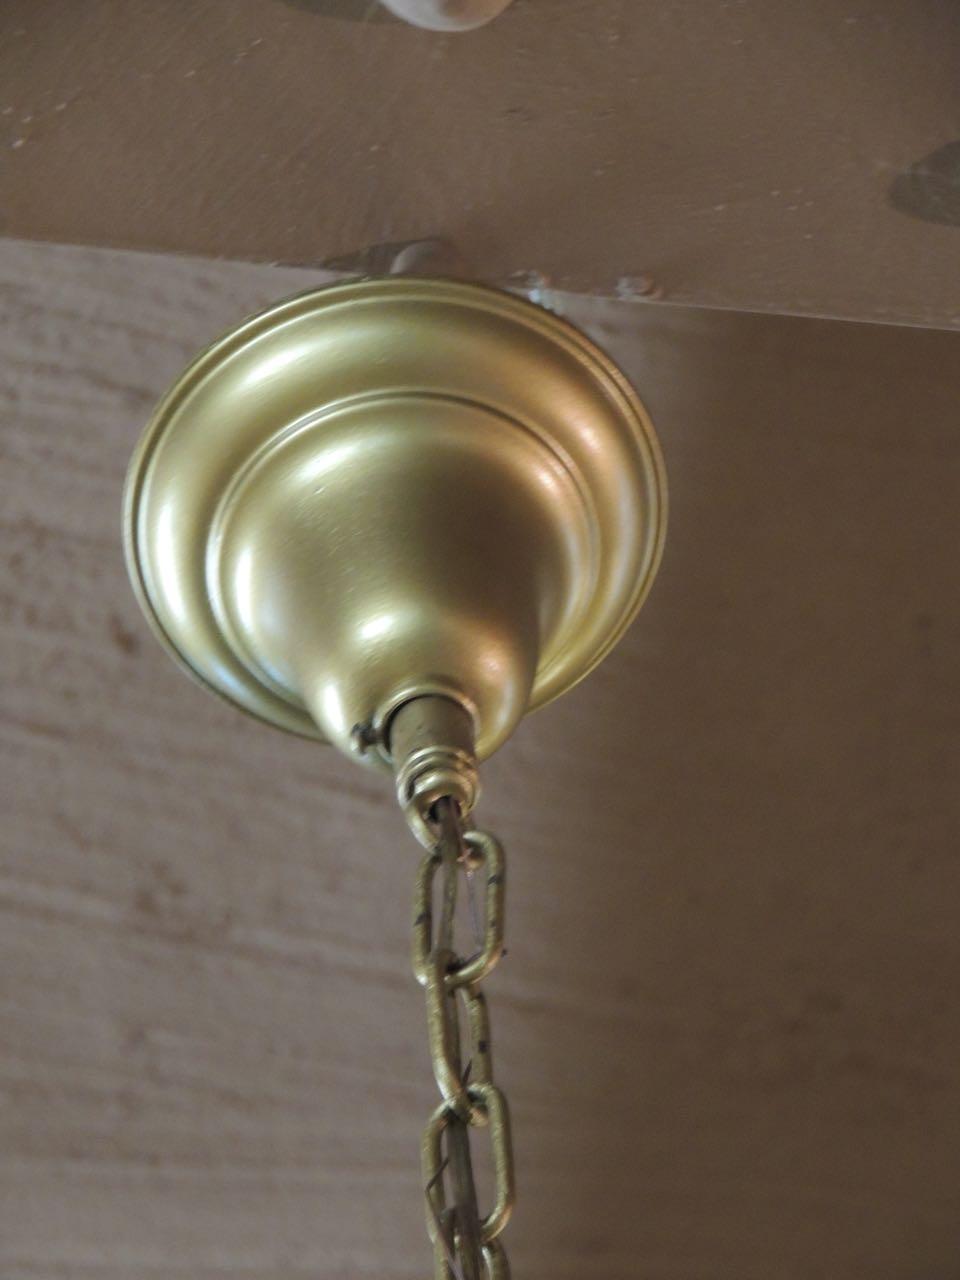 art deco jugendstil wedding cake chandelier chandeliers. Black Bedroom Furniture Sets. Home Design Ideas